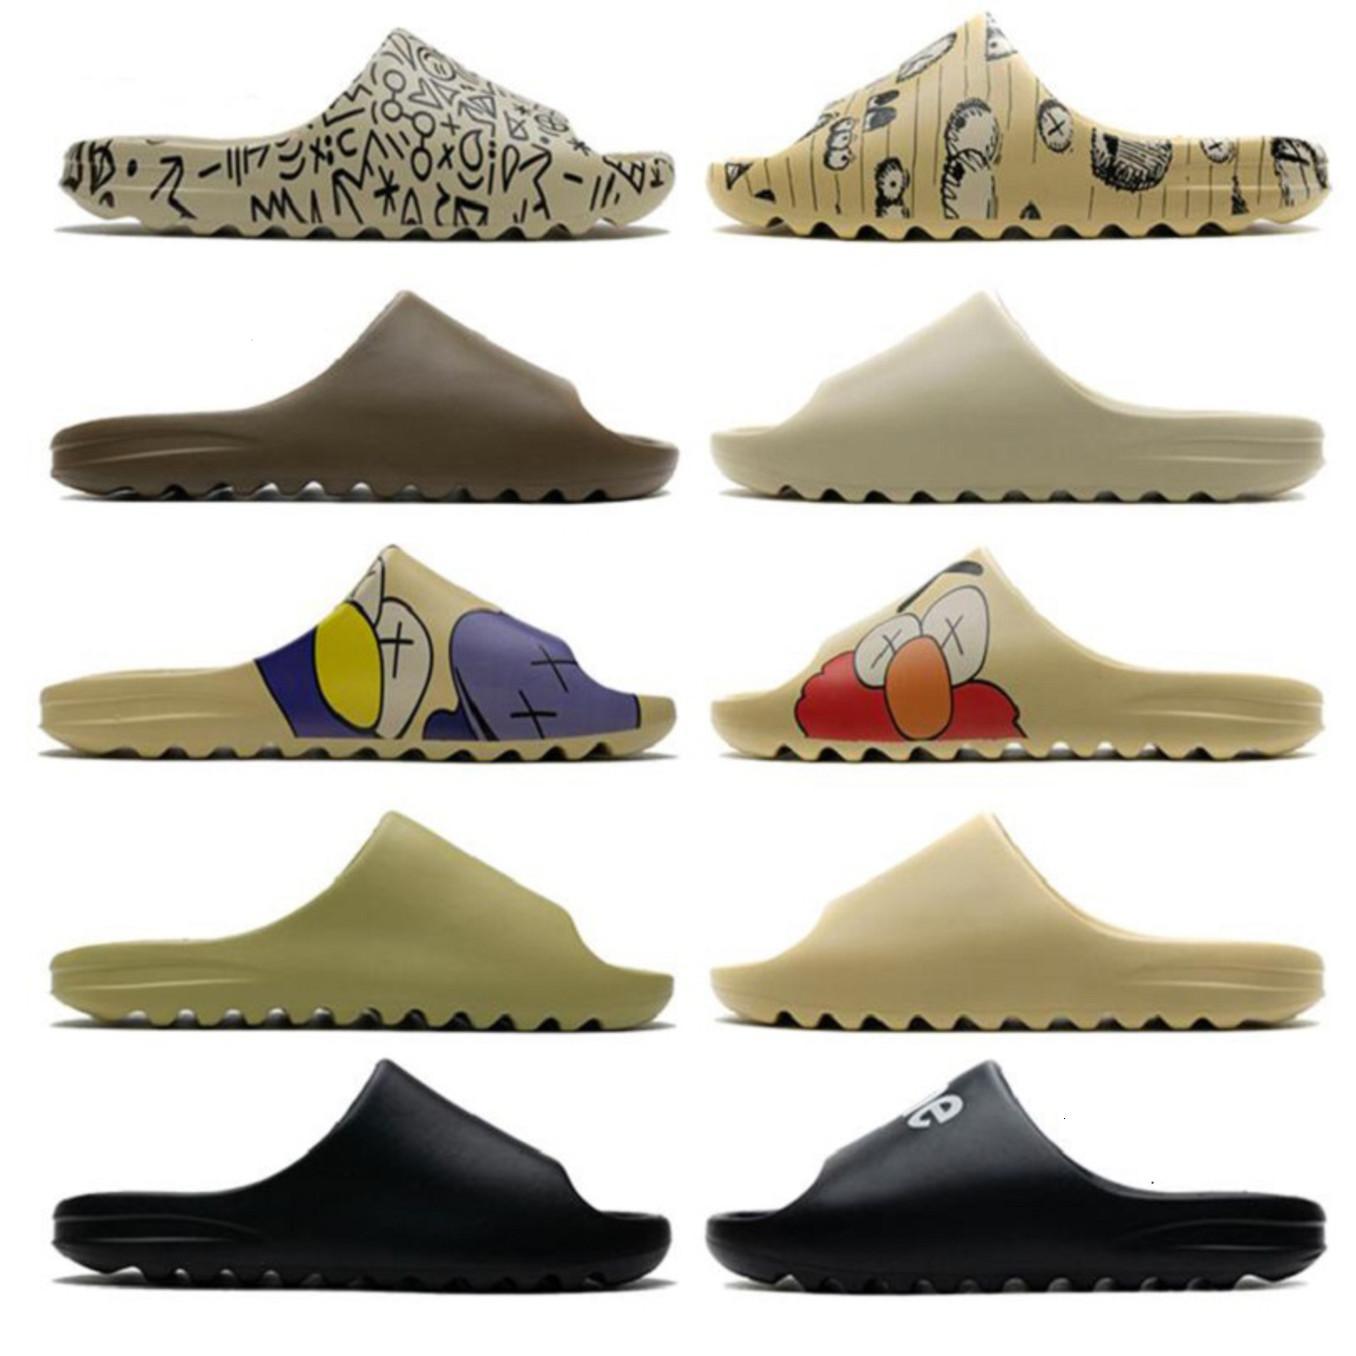 Hot 450 Пена бегун Kanye West Chool S Triple Черный слайд Мода Мужские резиновые тапочки женские тренеры на пляжных сандалиями Slip-на обувь 36-45